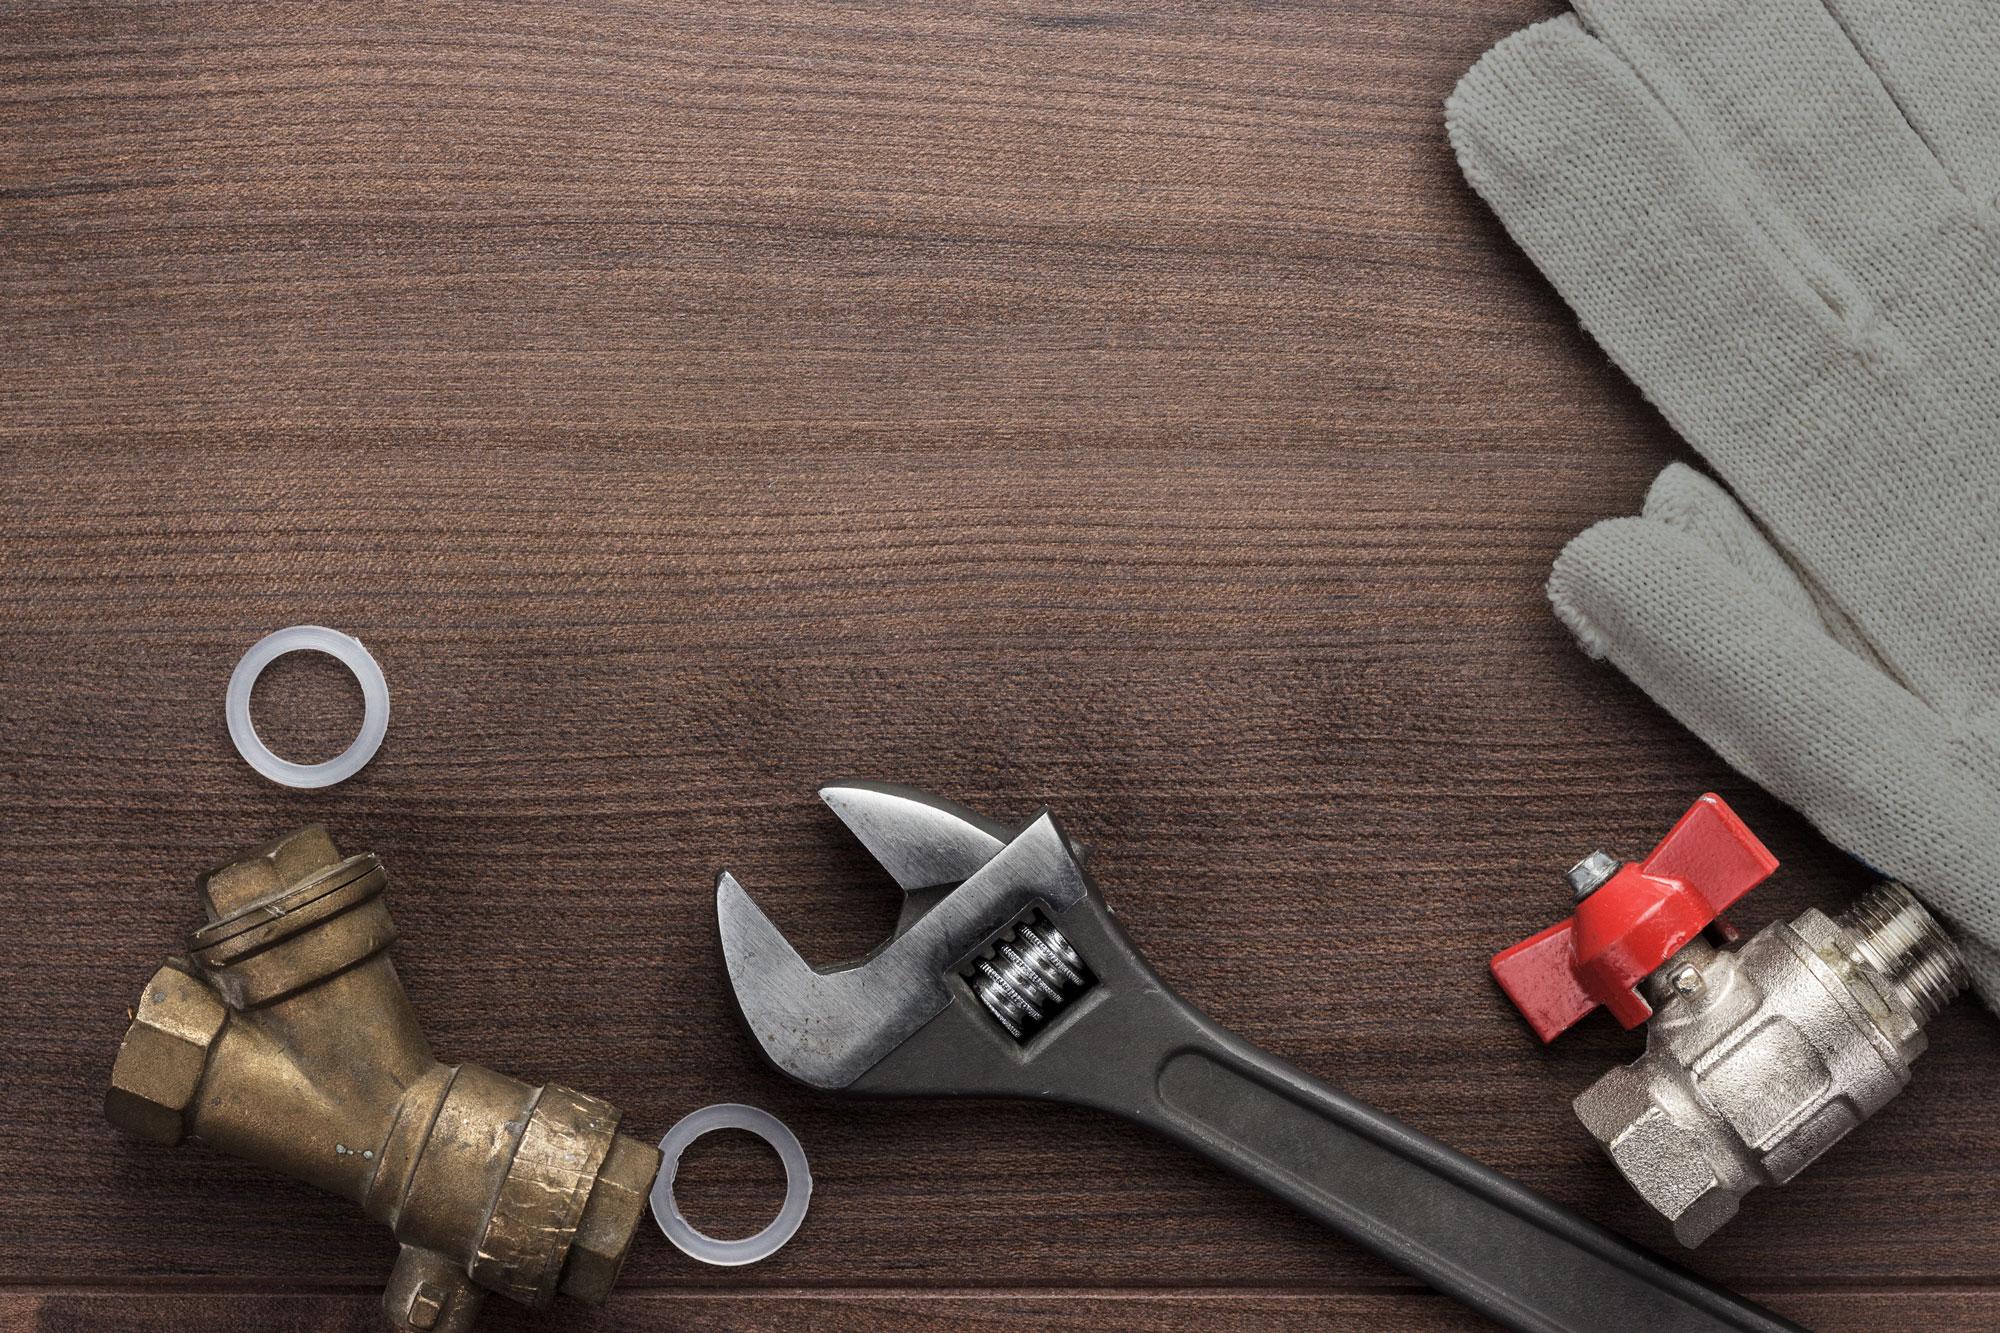 plumber-supplies1